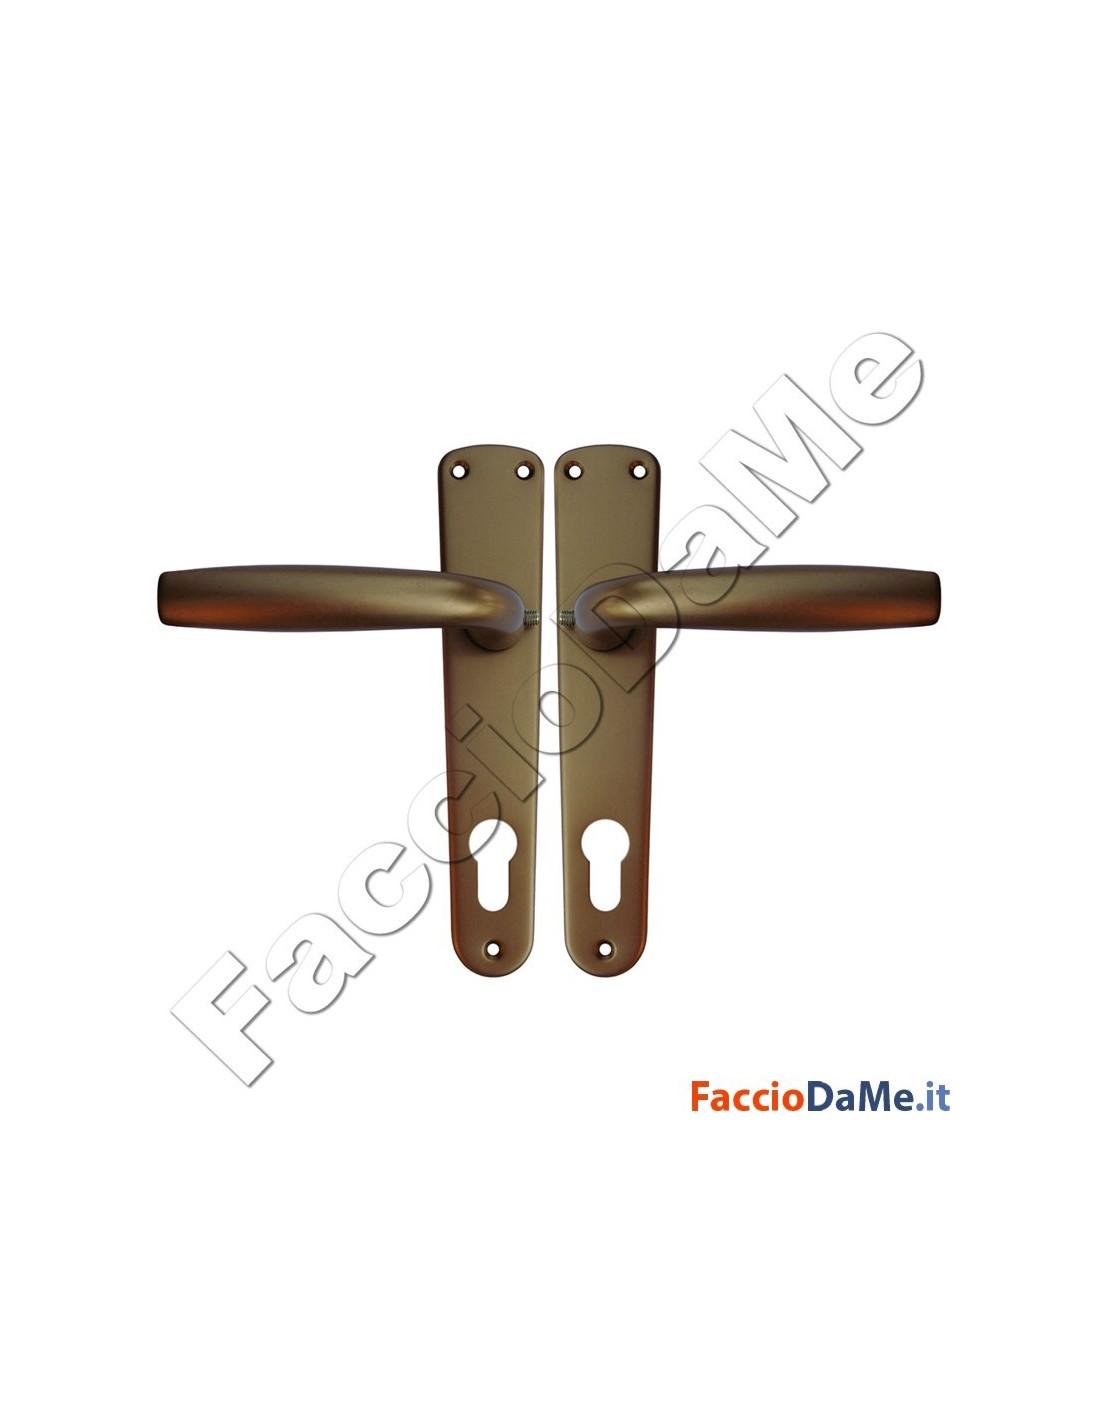 Maniglie cremonesi per porte e finestre serie standard in for Finestre anodizzate